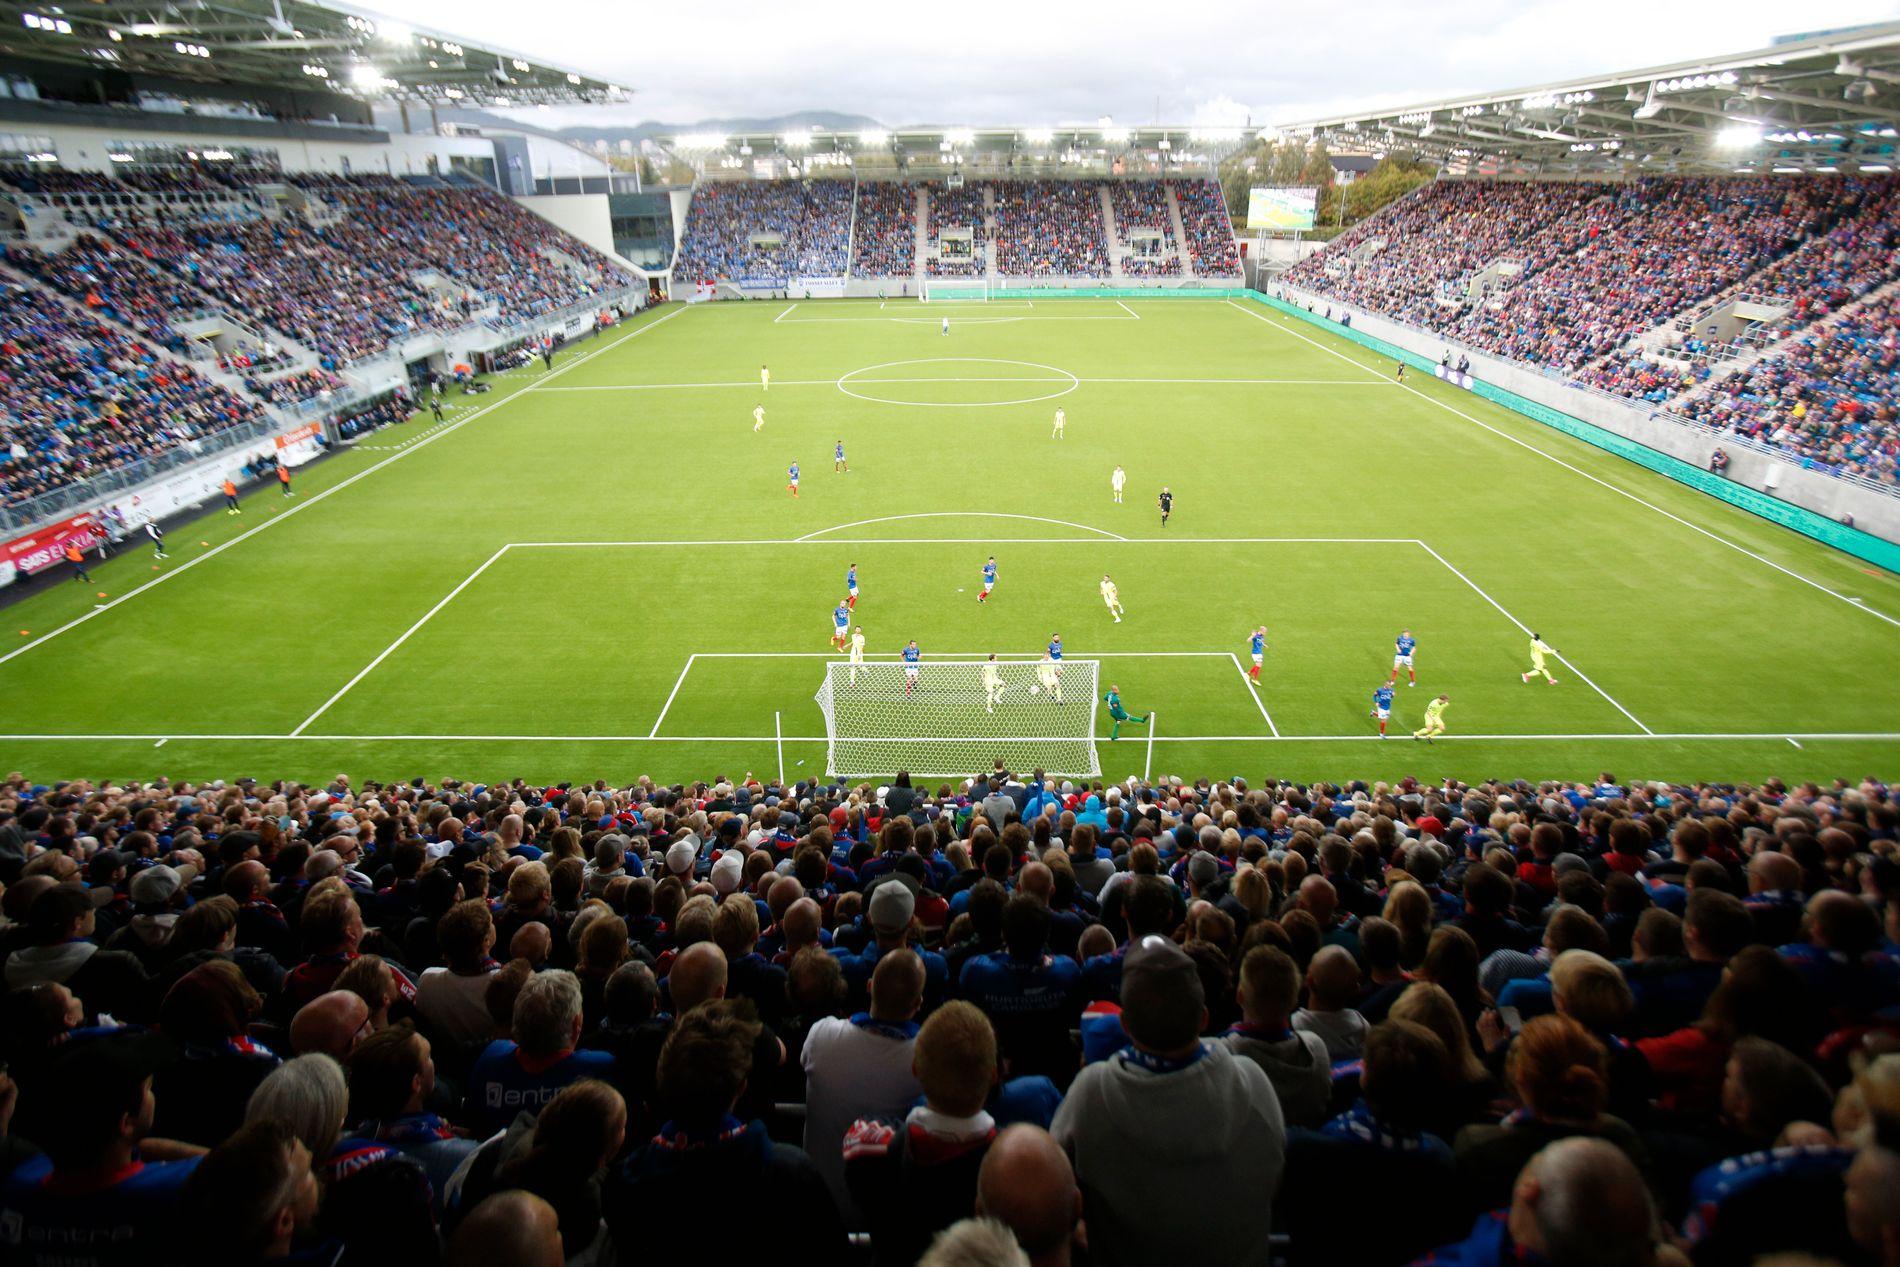 Fullt hus og kjempestemning på Vålerengas nye stadion. I hvert fall frem til Sarpsborg tok ledelsen.